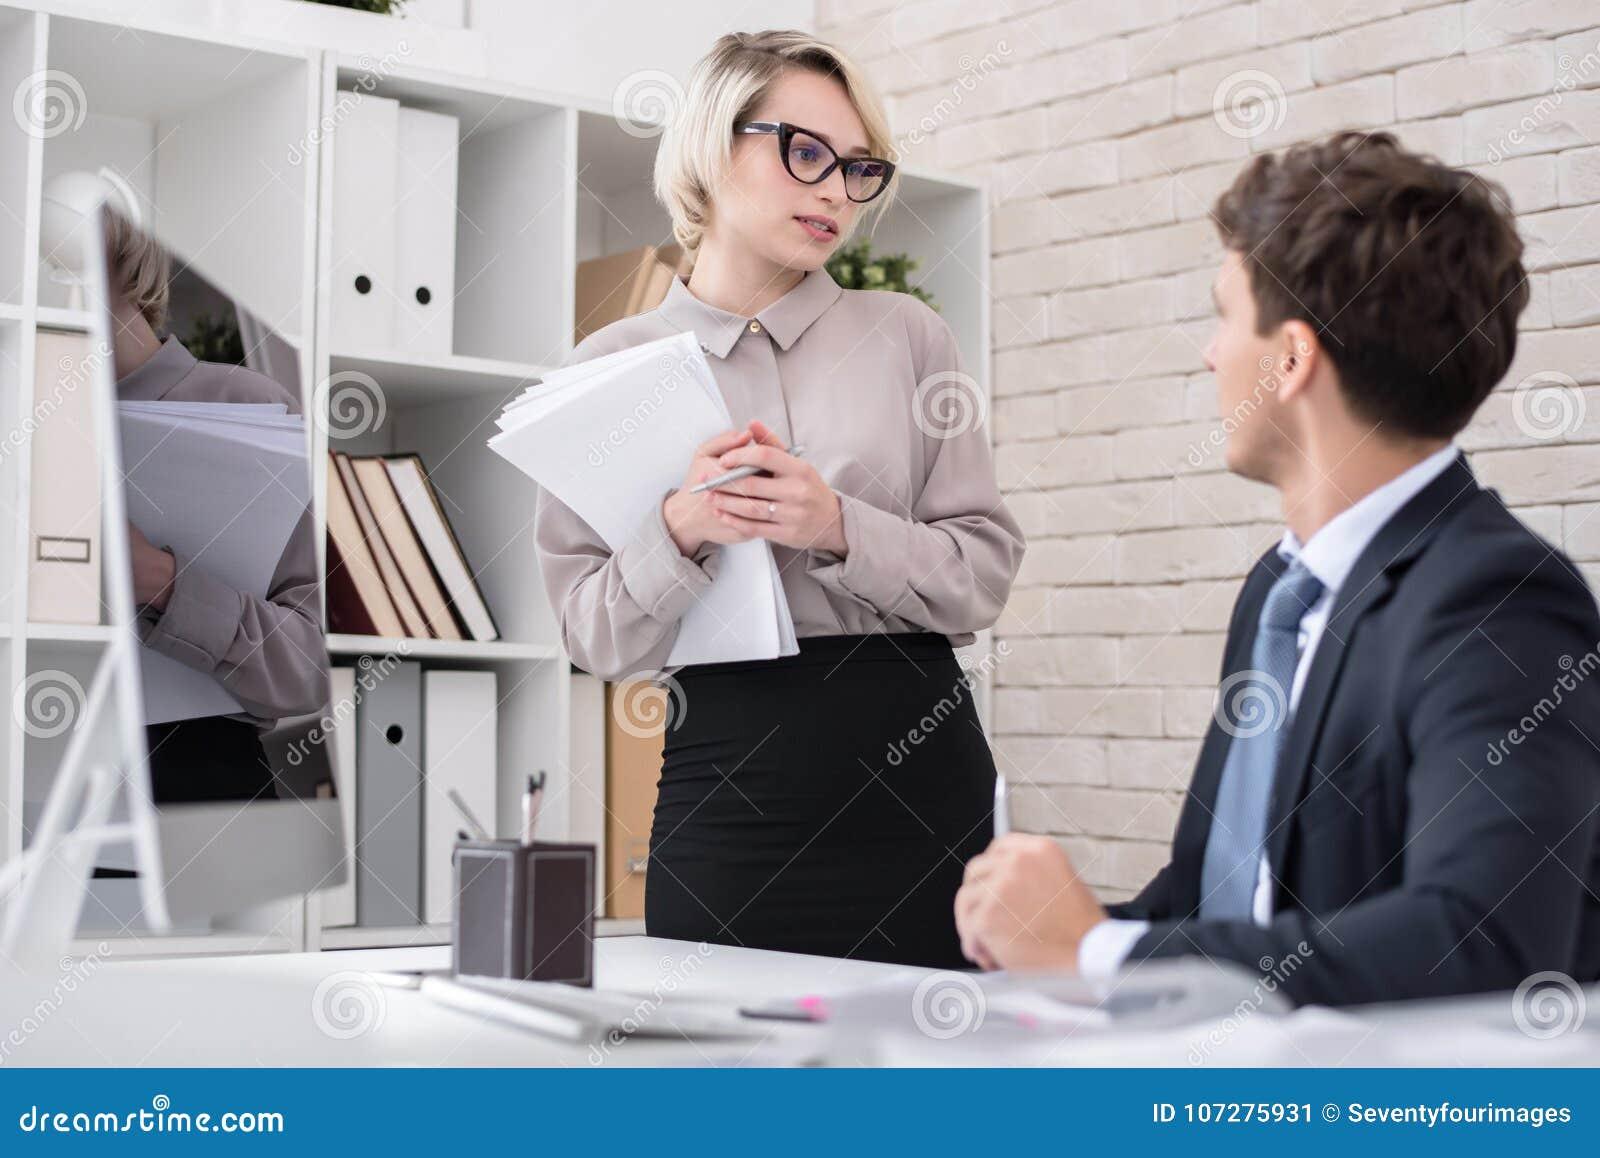 Sekretär im Büro zu beherrschen Talking,